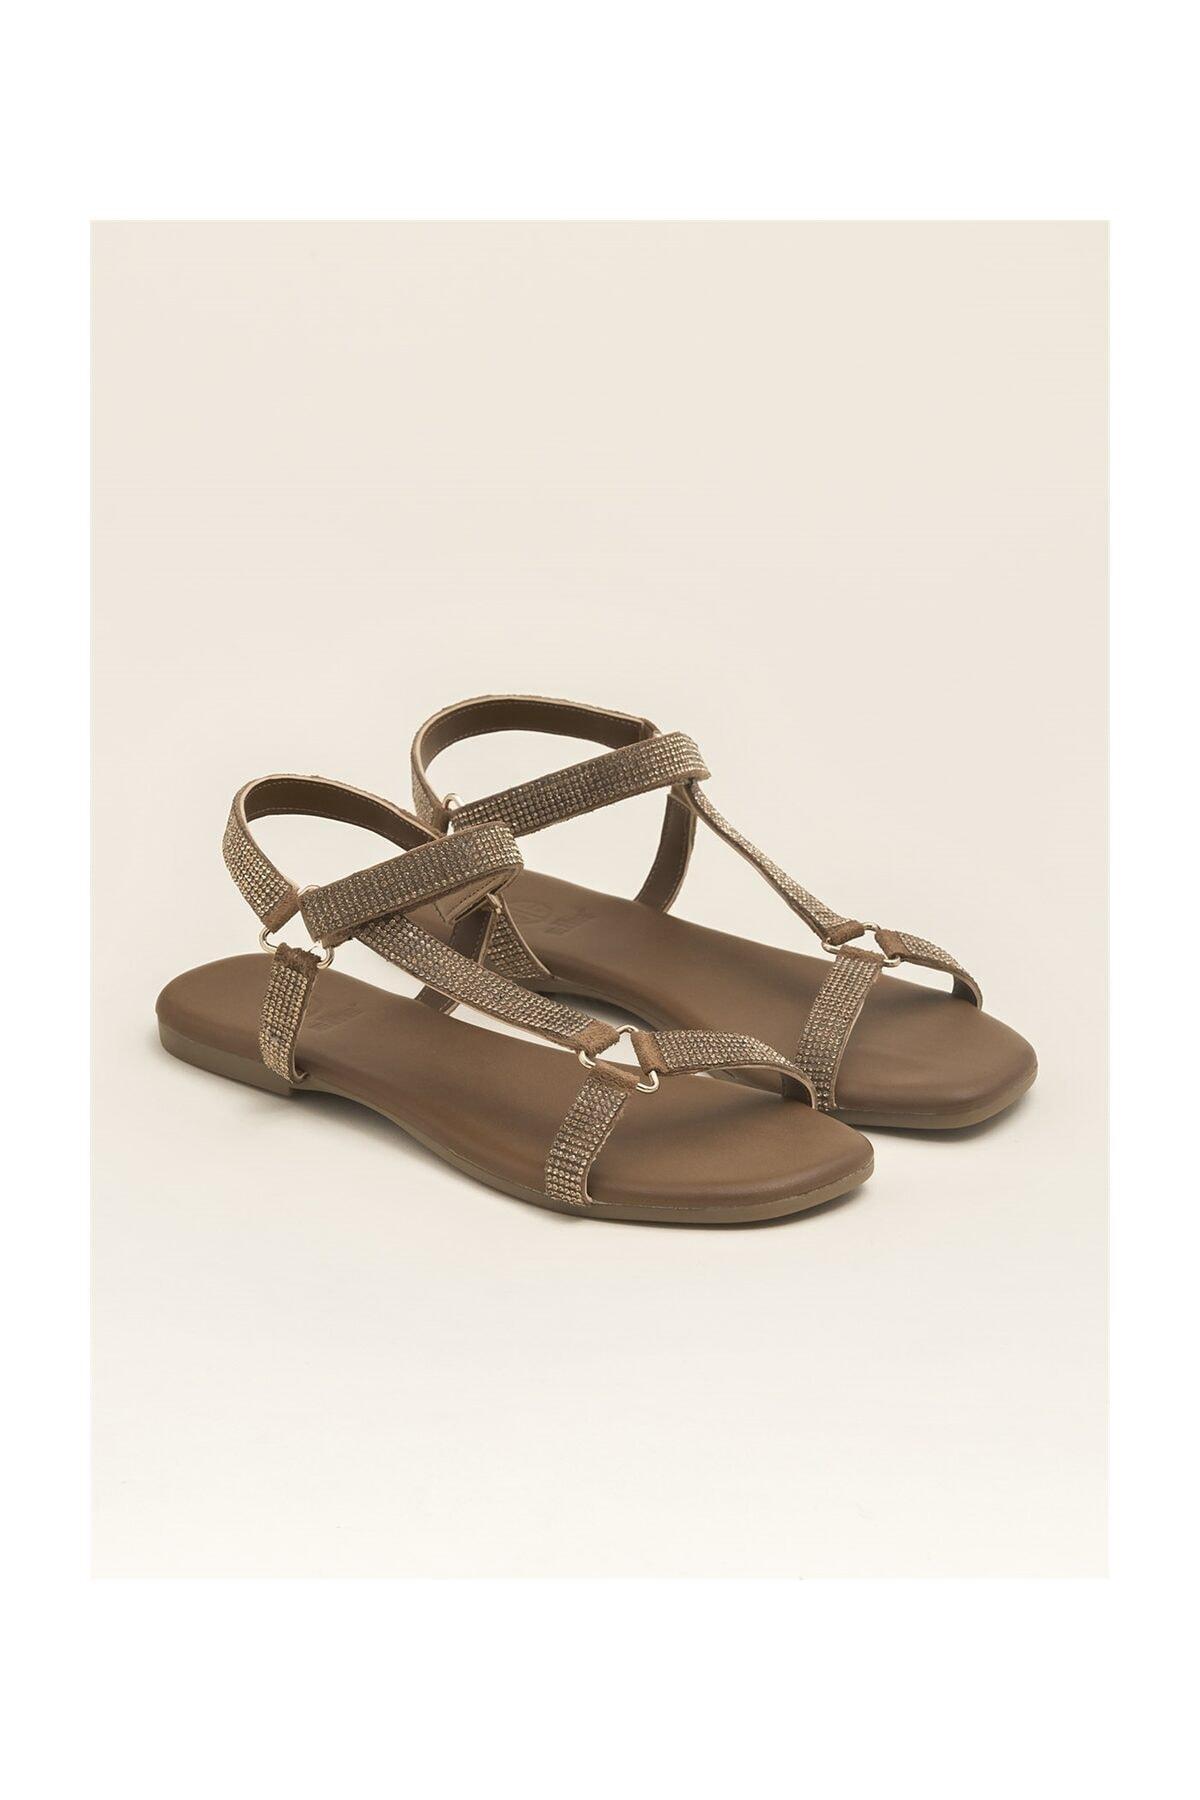 Elle Shoes Sanne Kadın Sandalet 2